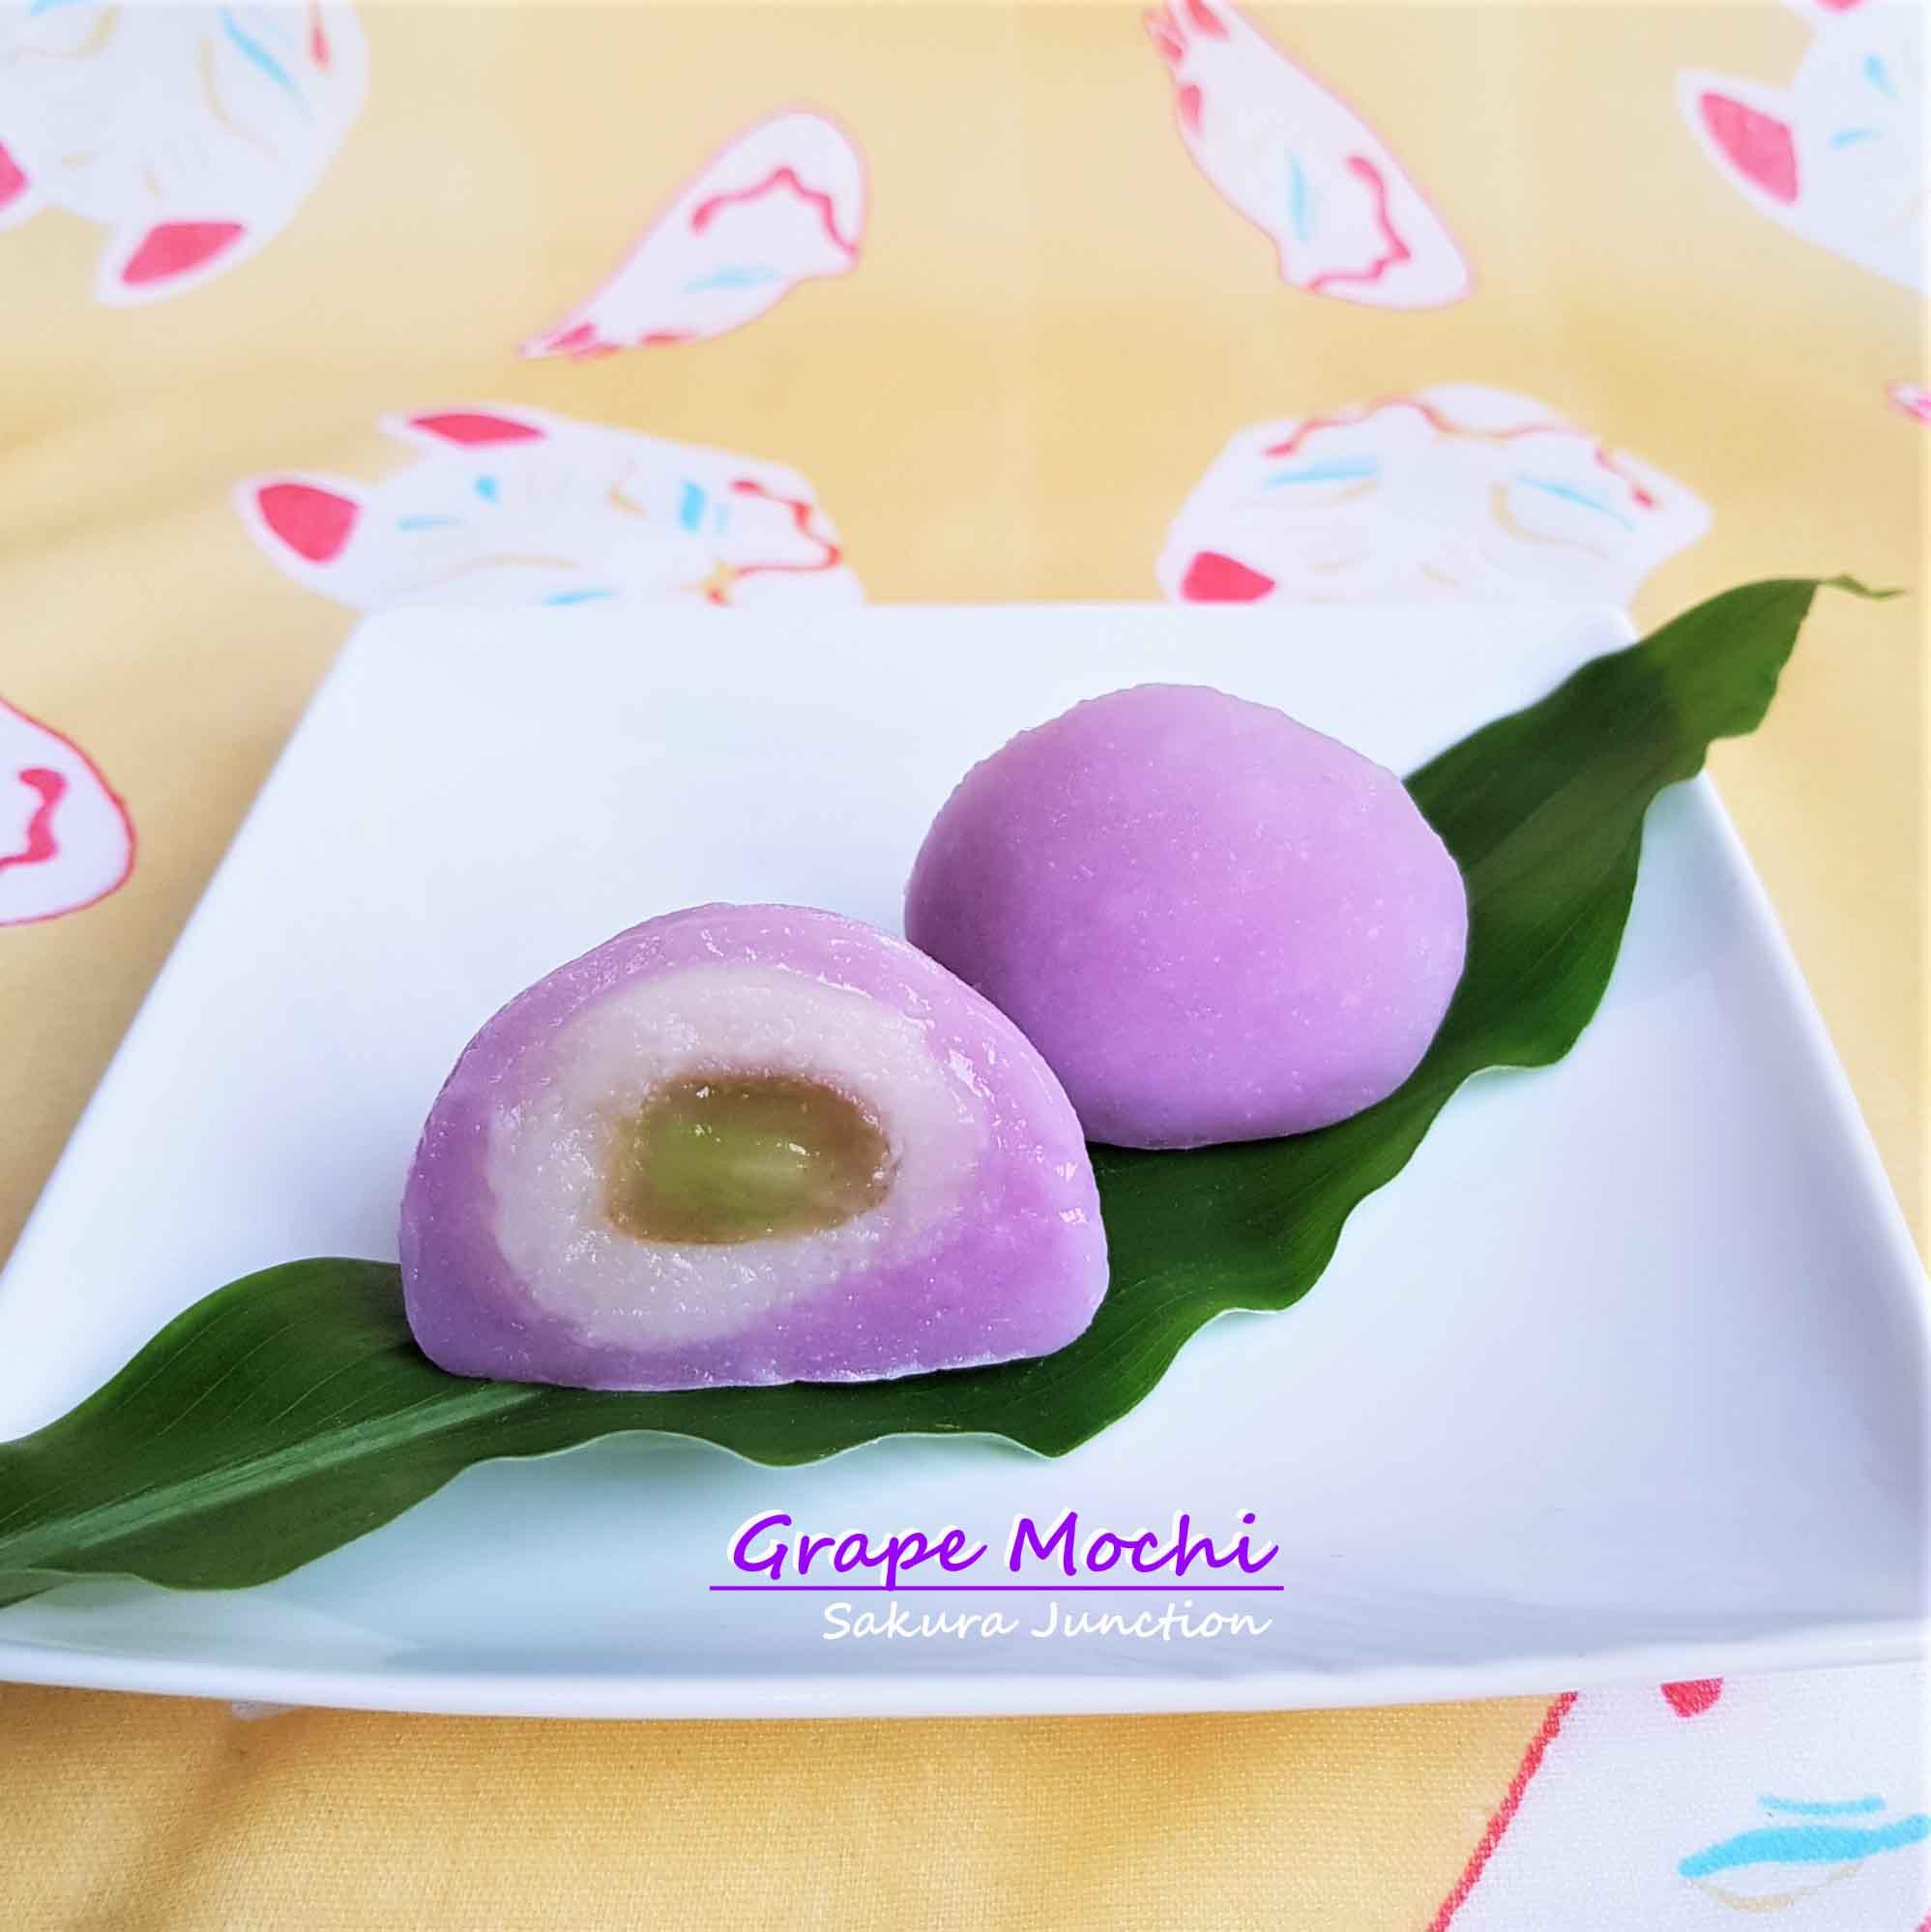 Grape Mochi